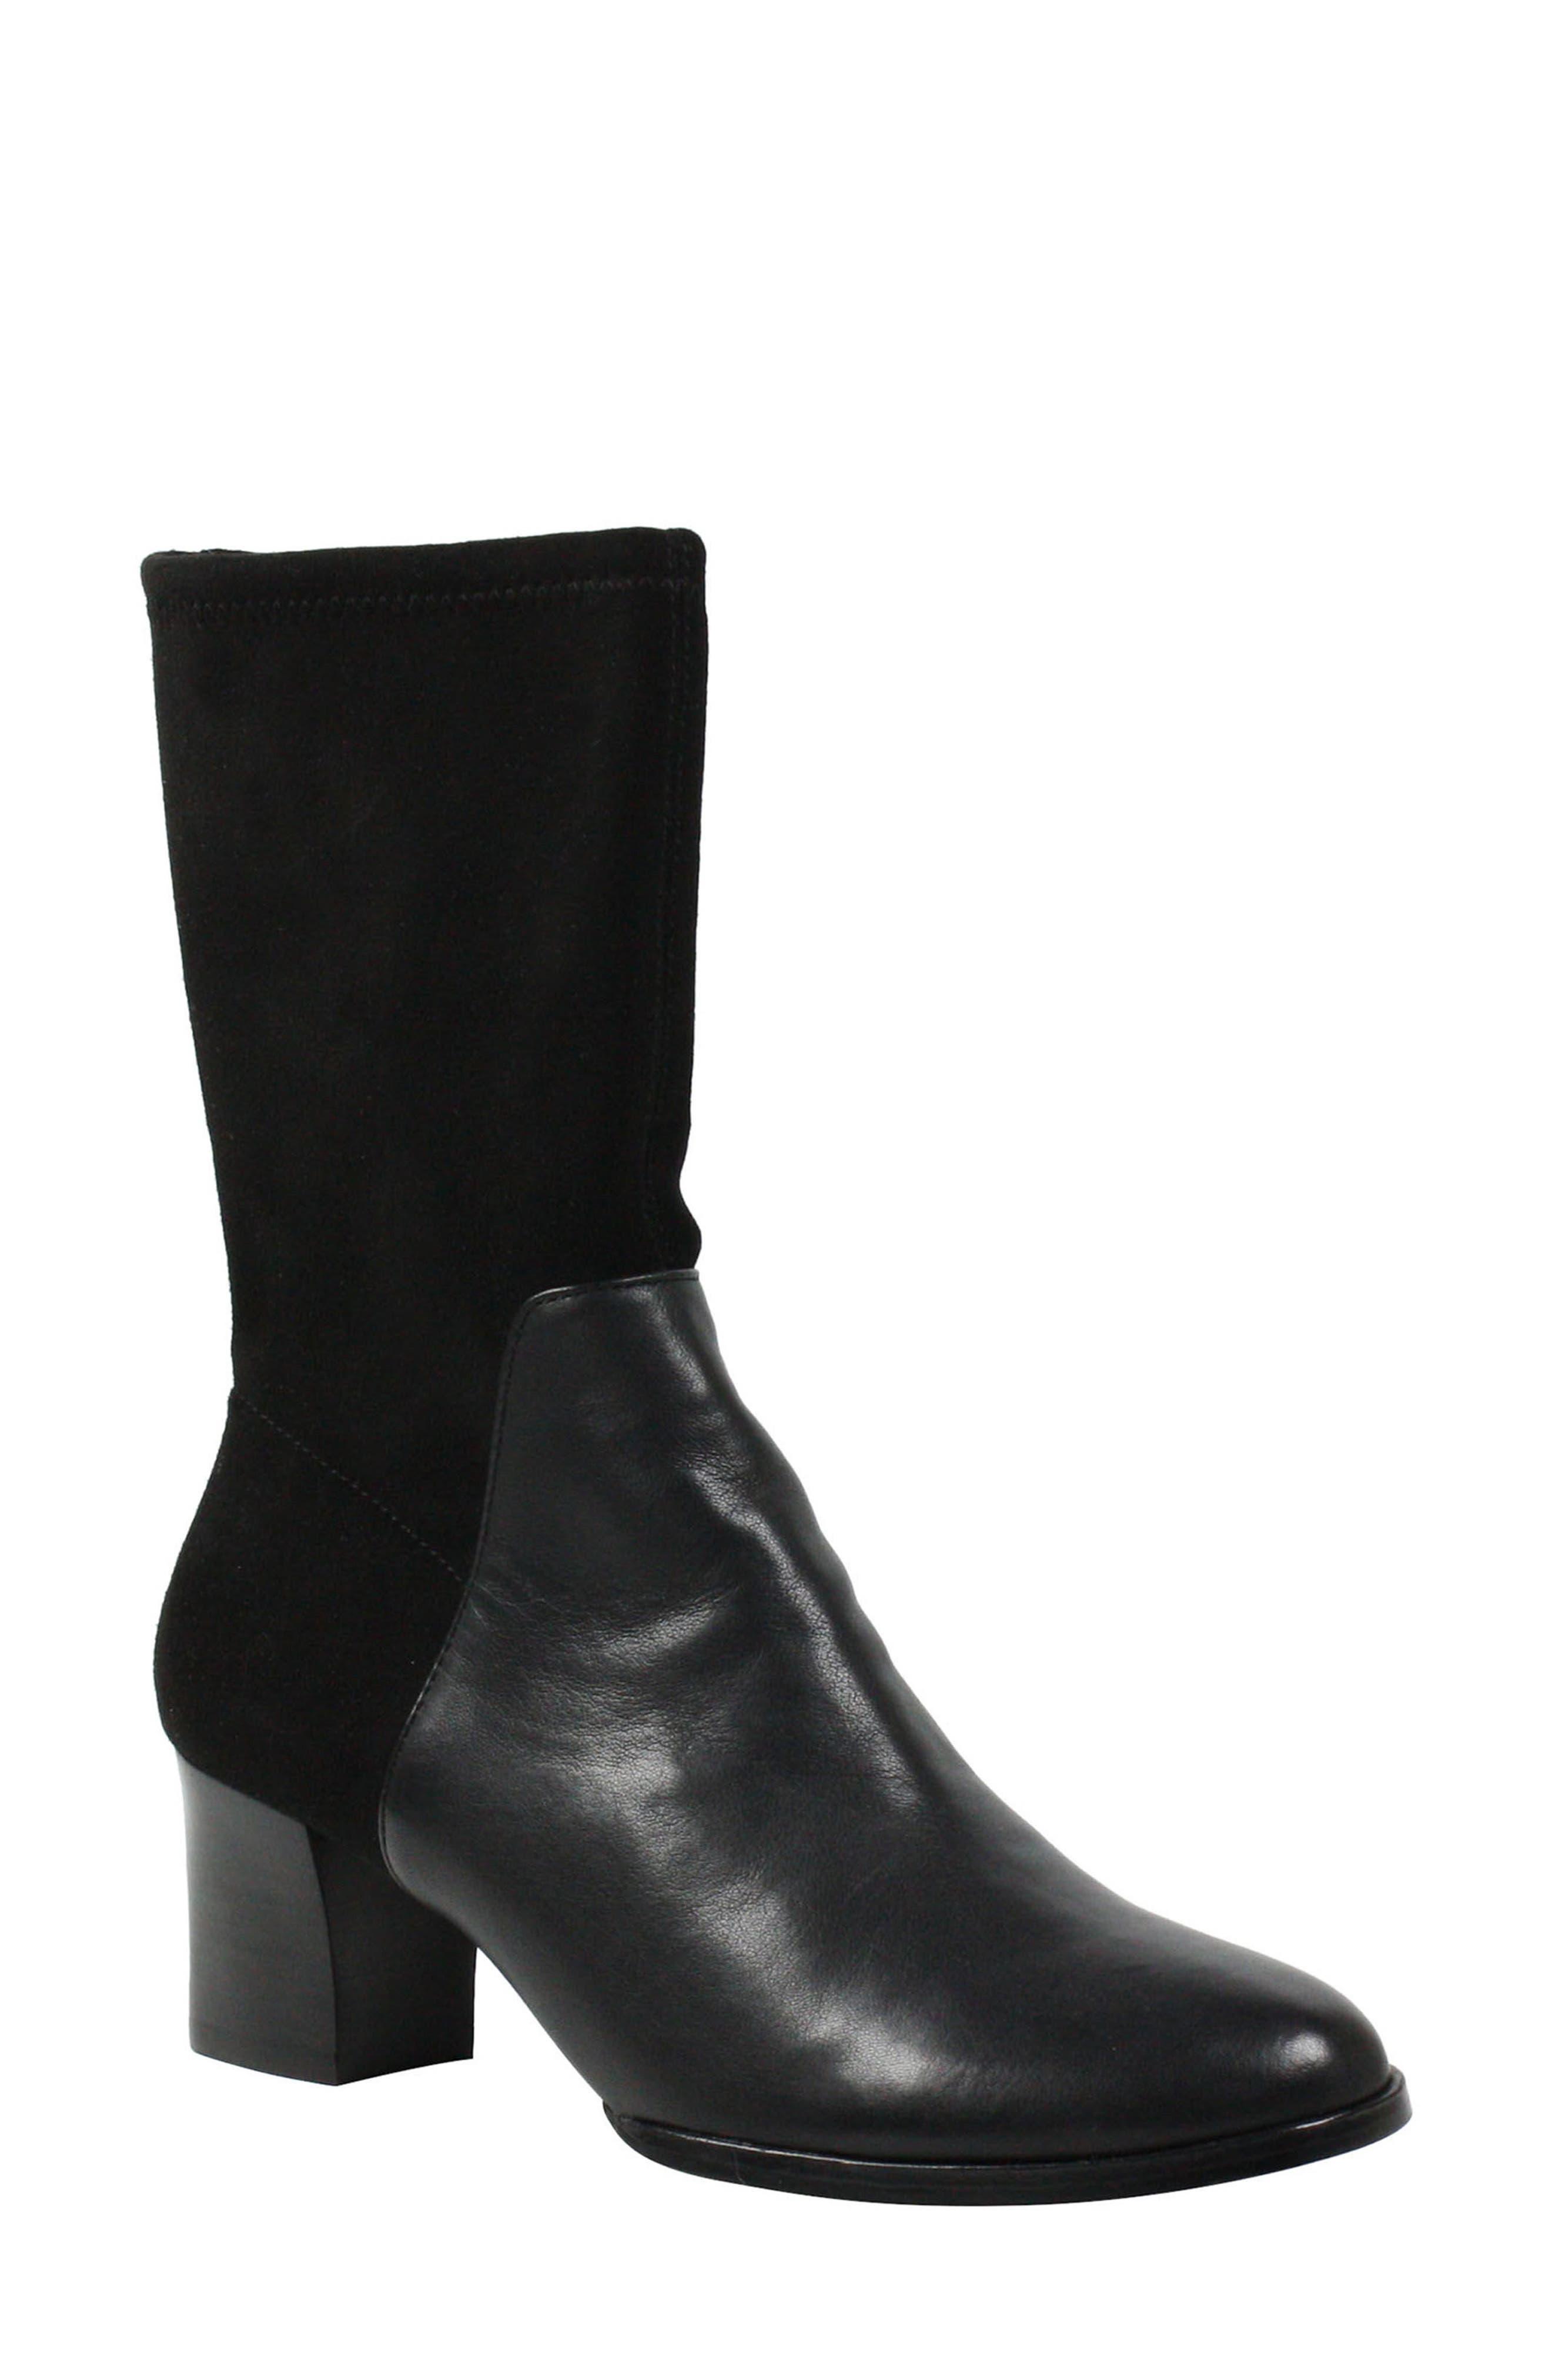 Pasublo Bootie,                             Main thumbnail 1, color,                             Black Leather